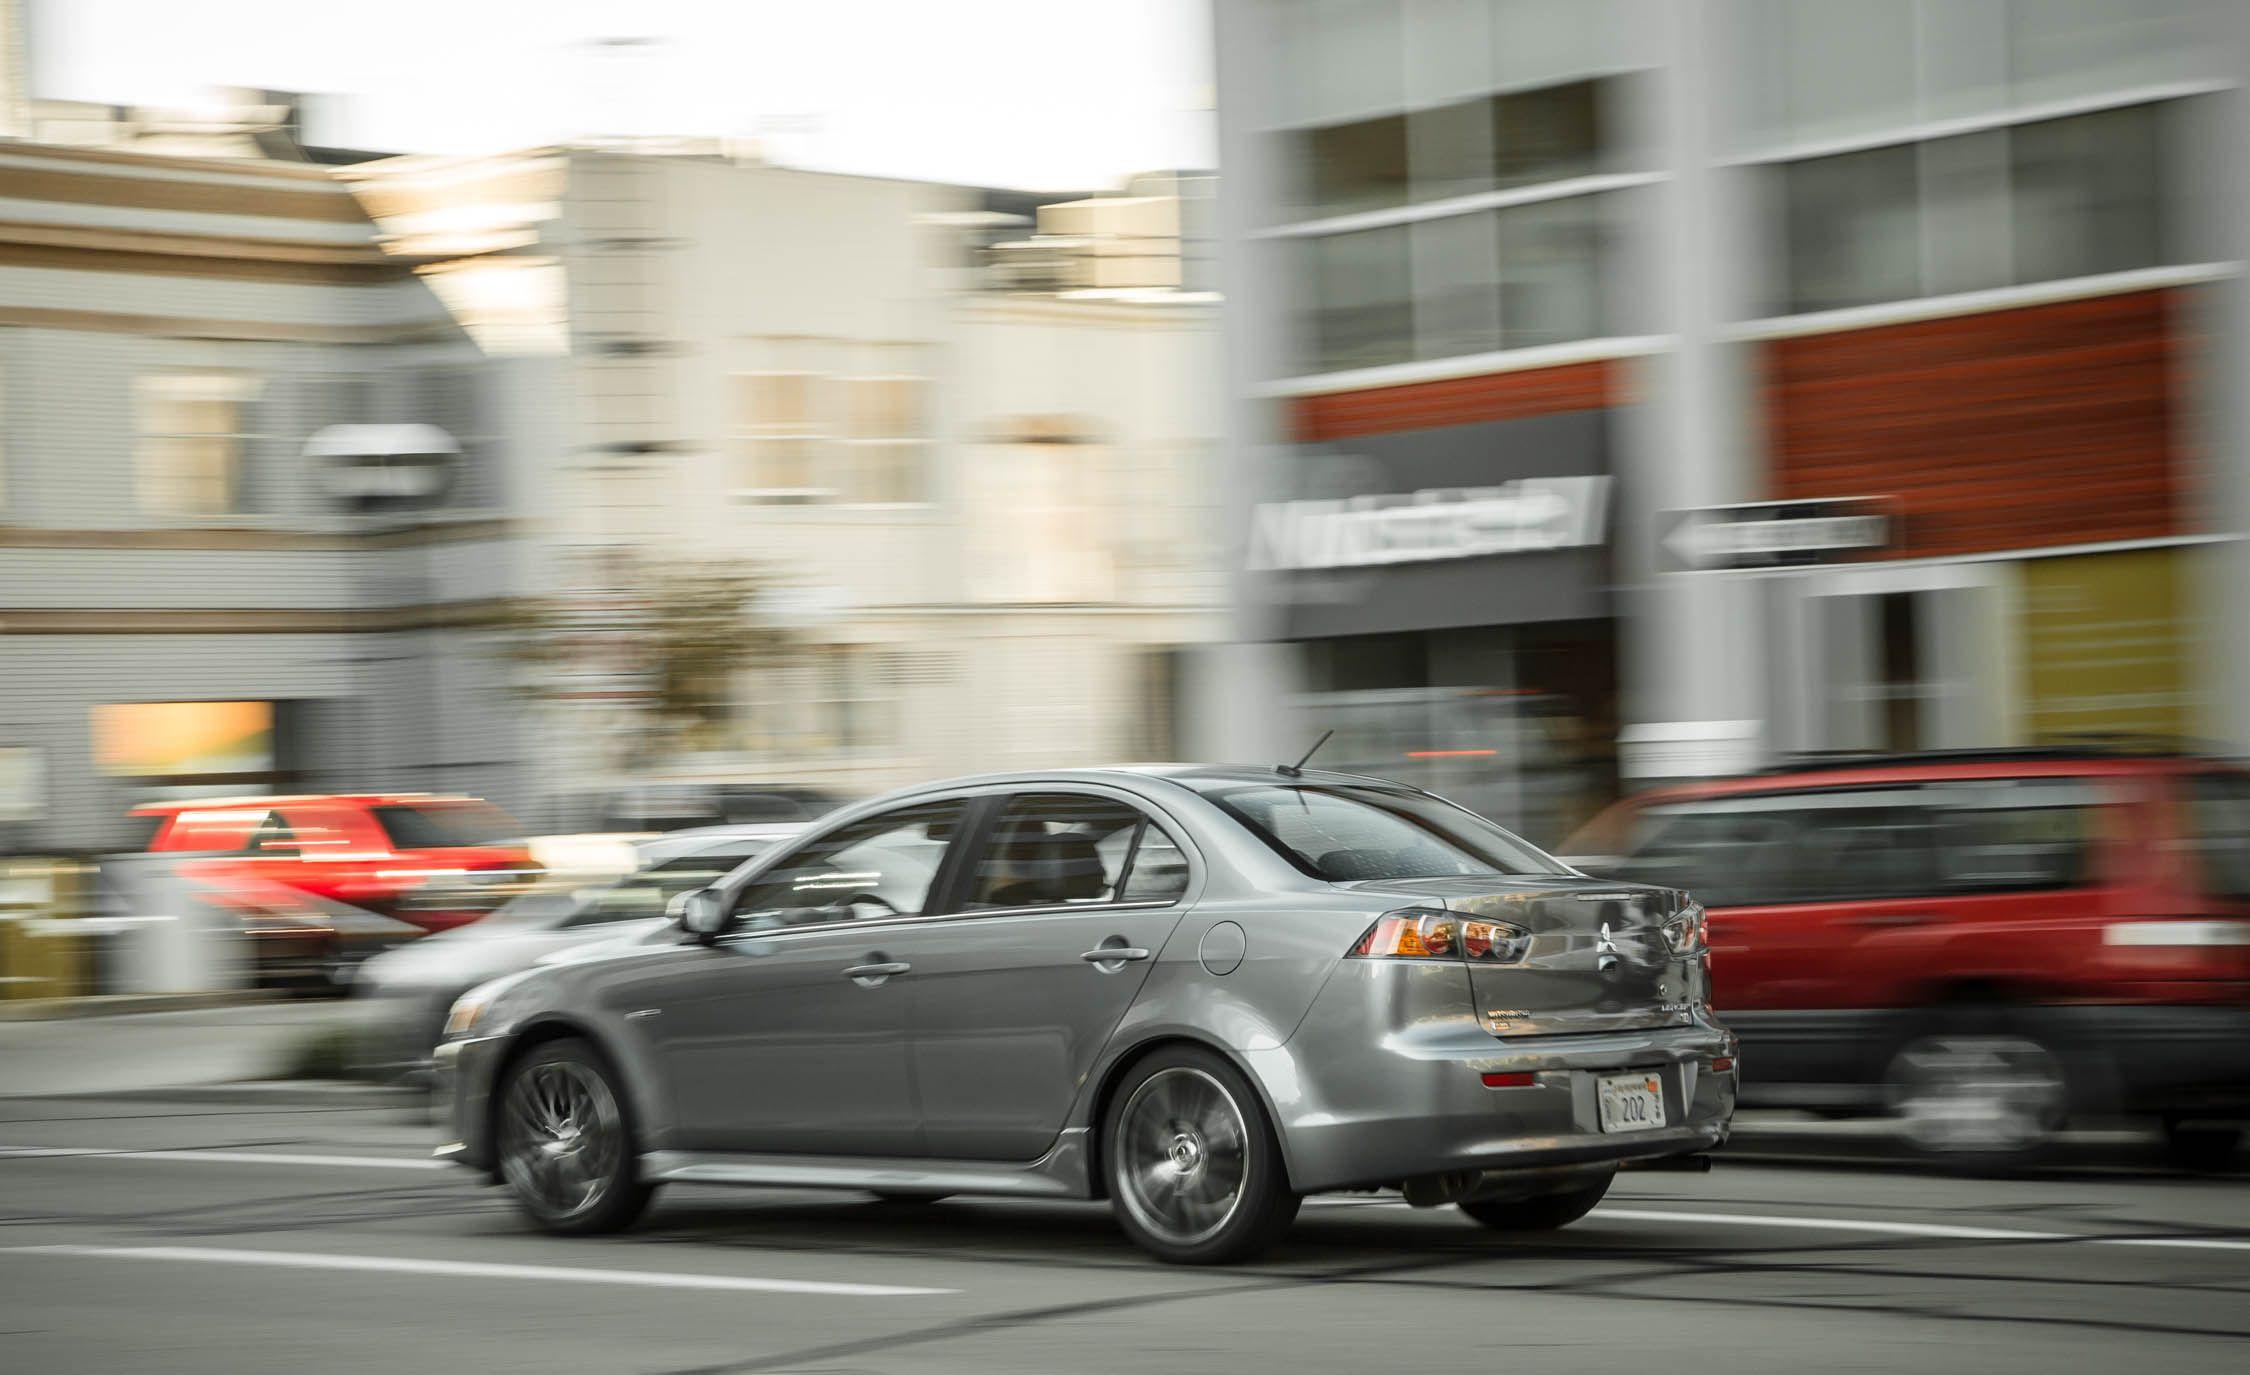 Mitsubishi Lancer Reviews | Mitsubishi Lancer Price, Photos, and ...